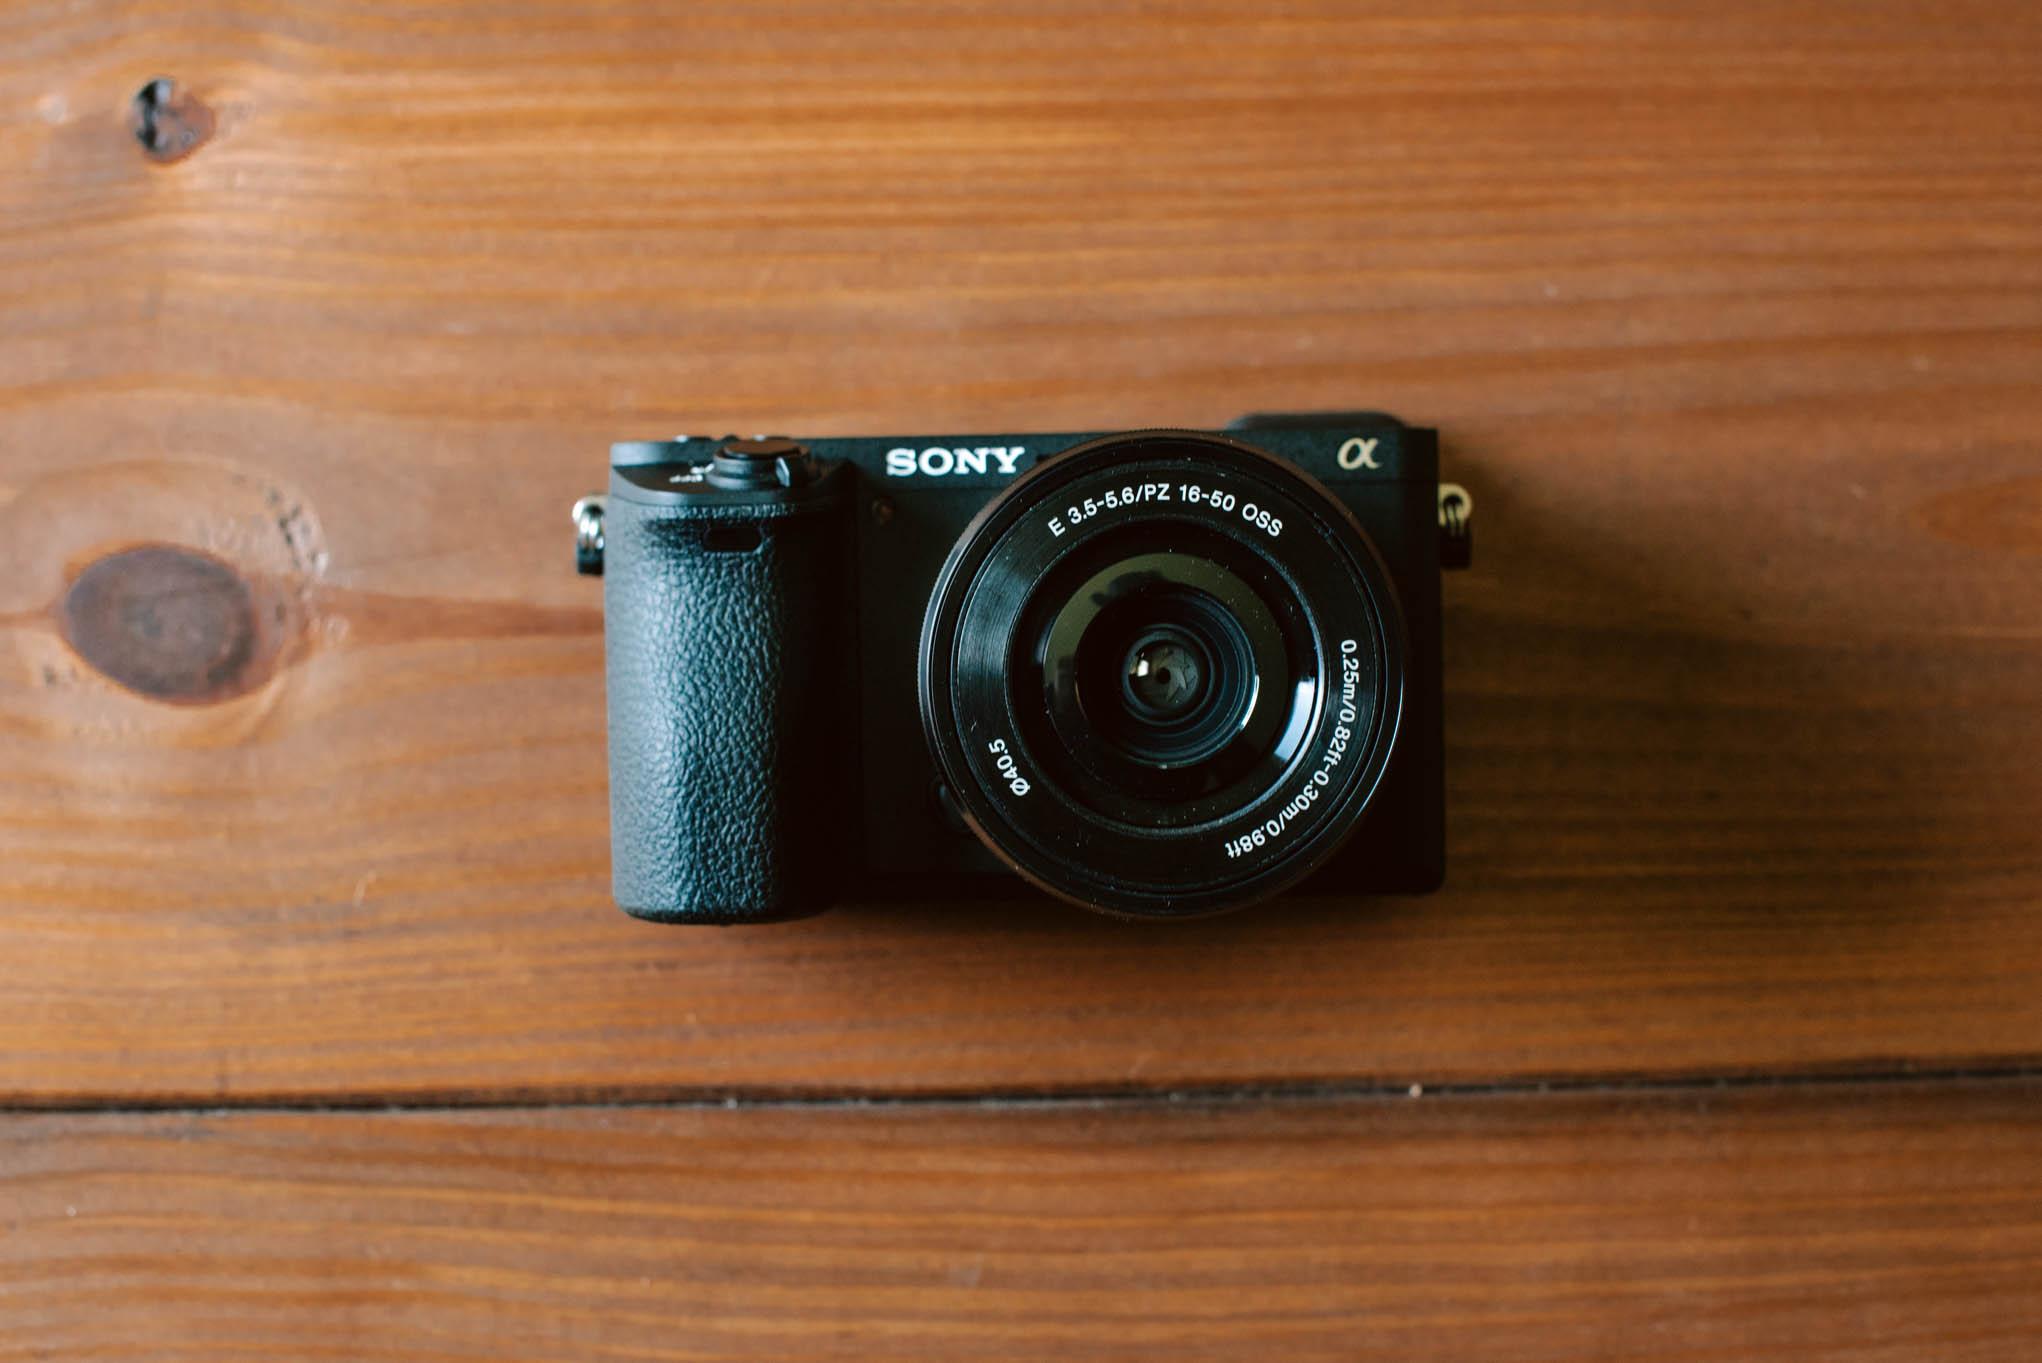 Sony a6500 - Product Photos-3.jpg